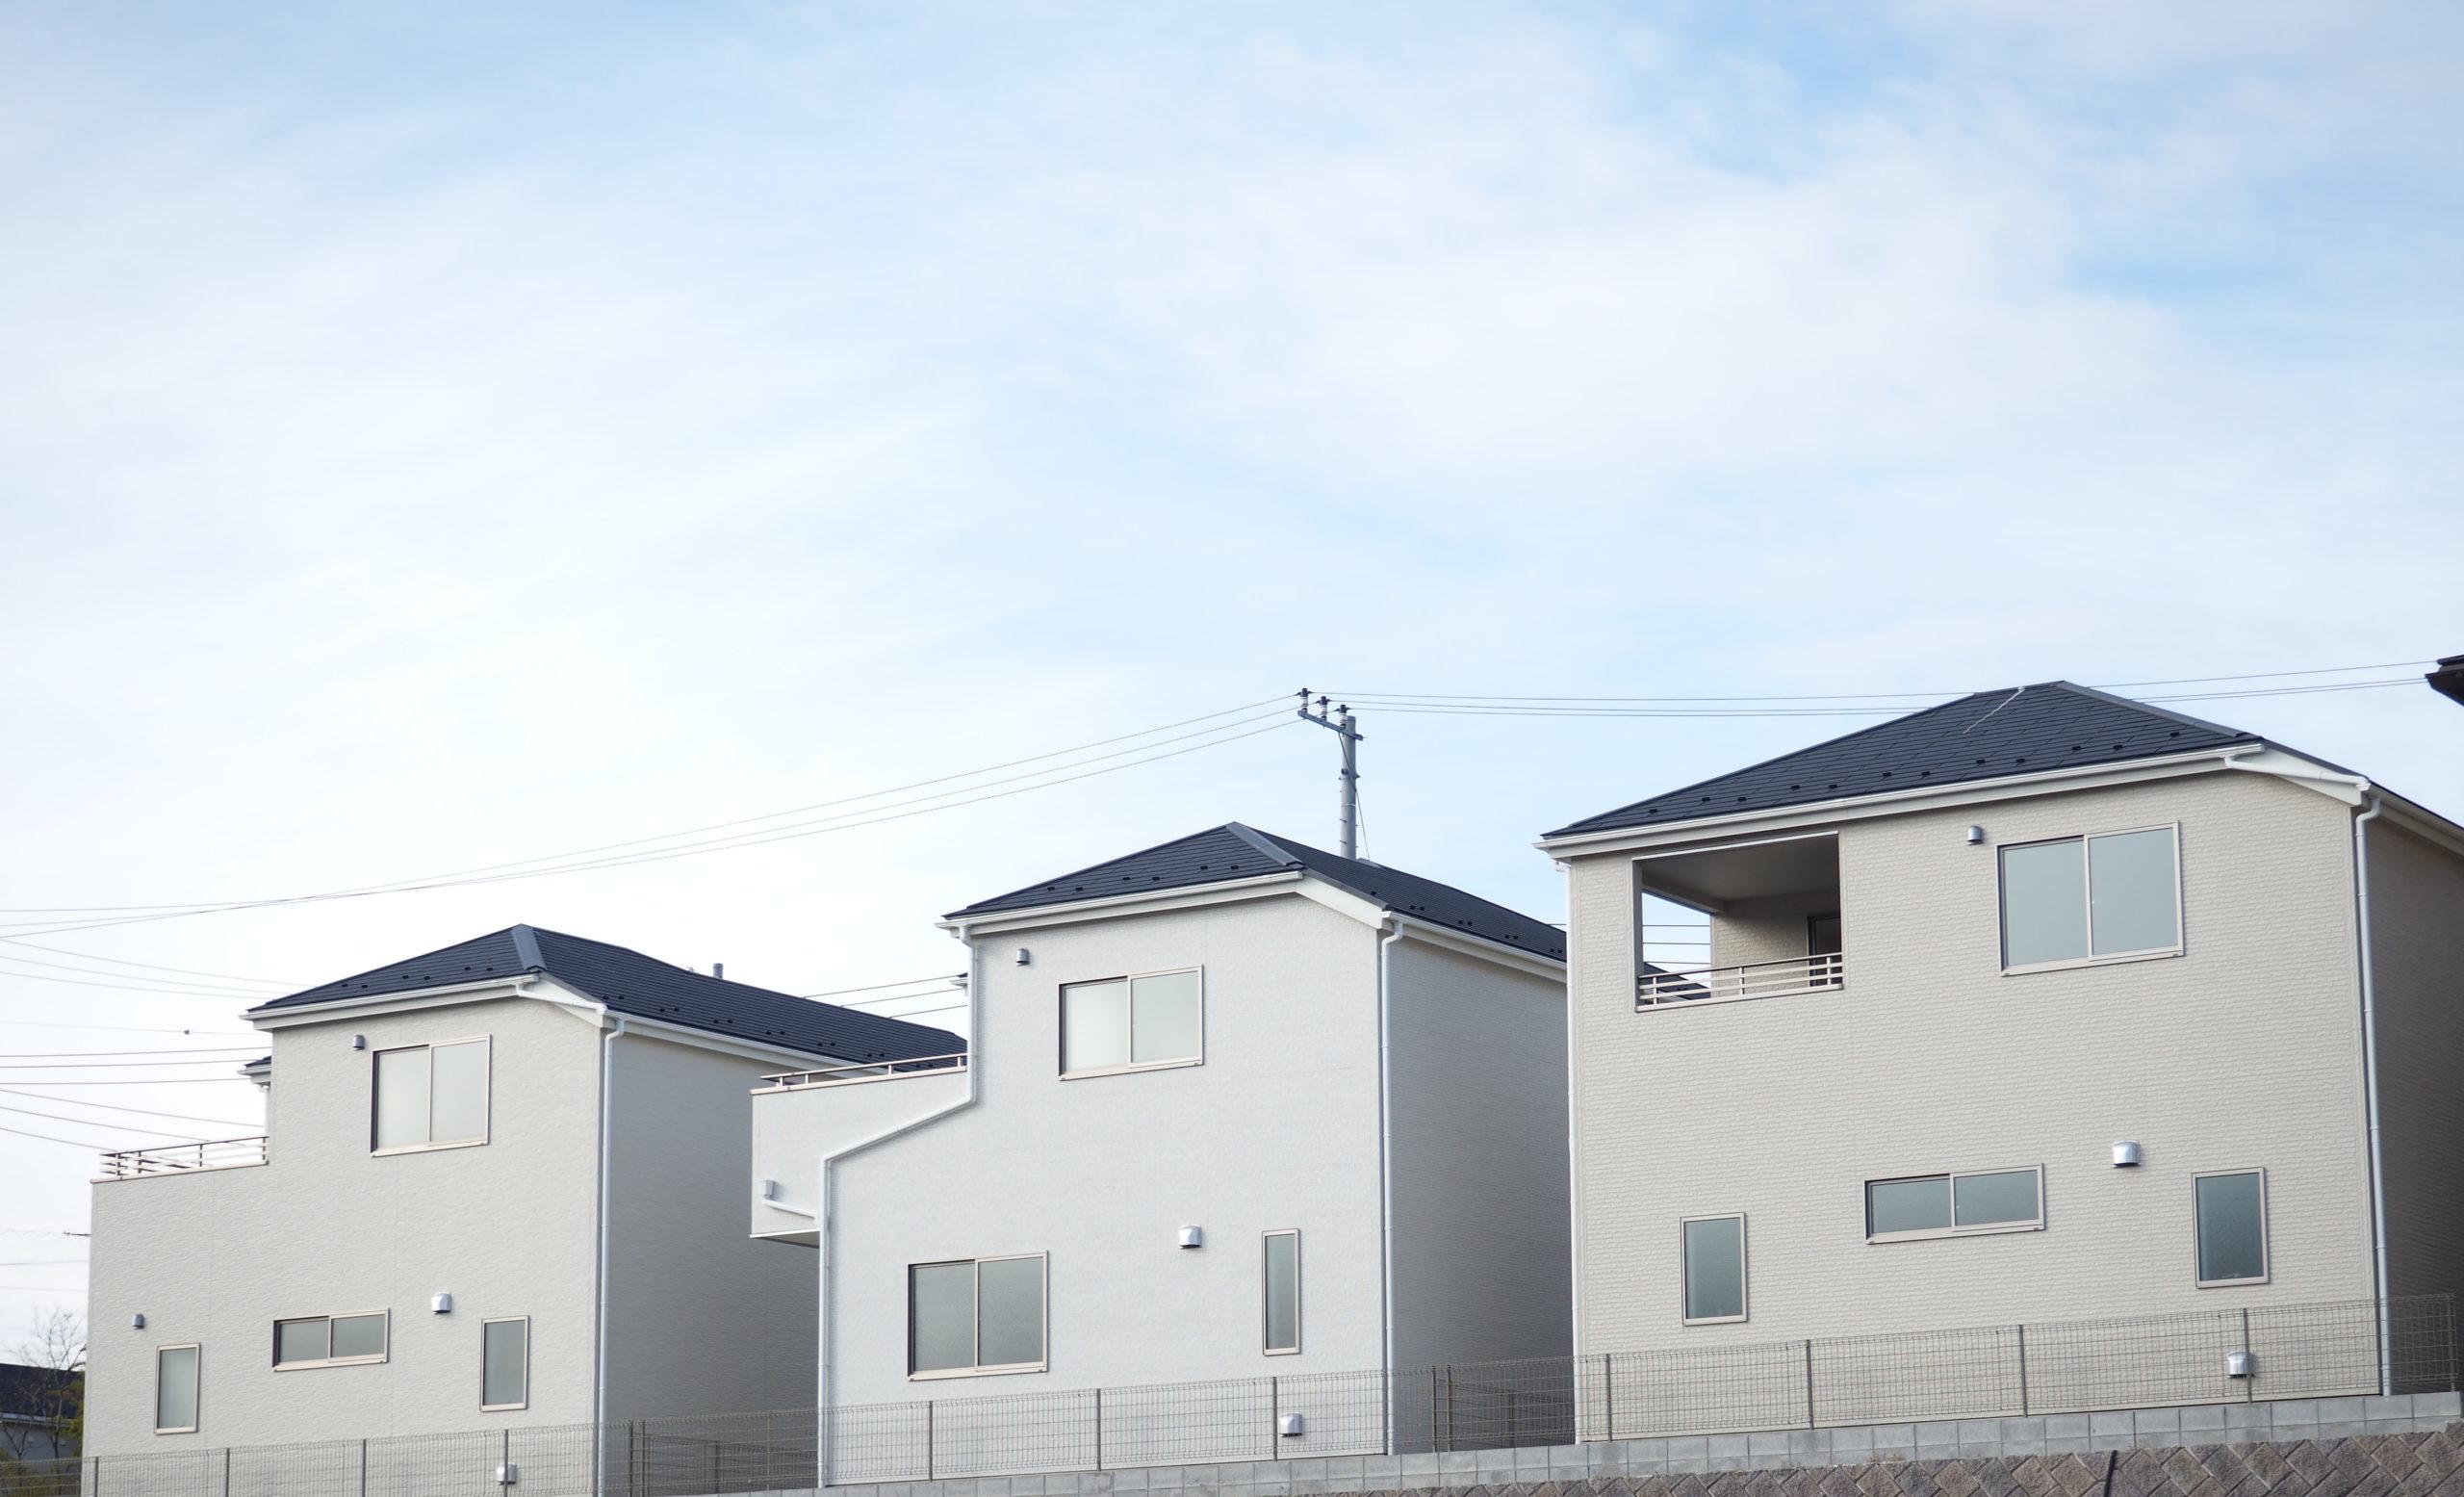 大手ハウスメーカーの11月受注、積水ハウスなど堅調―住環境の向上志向が受注単価にも追い風